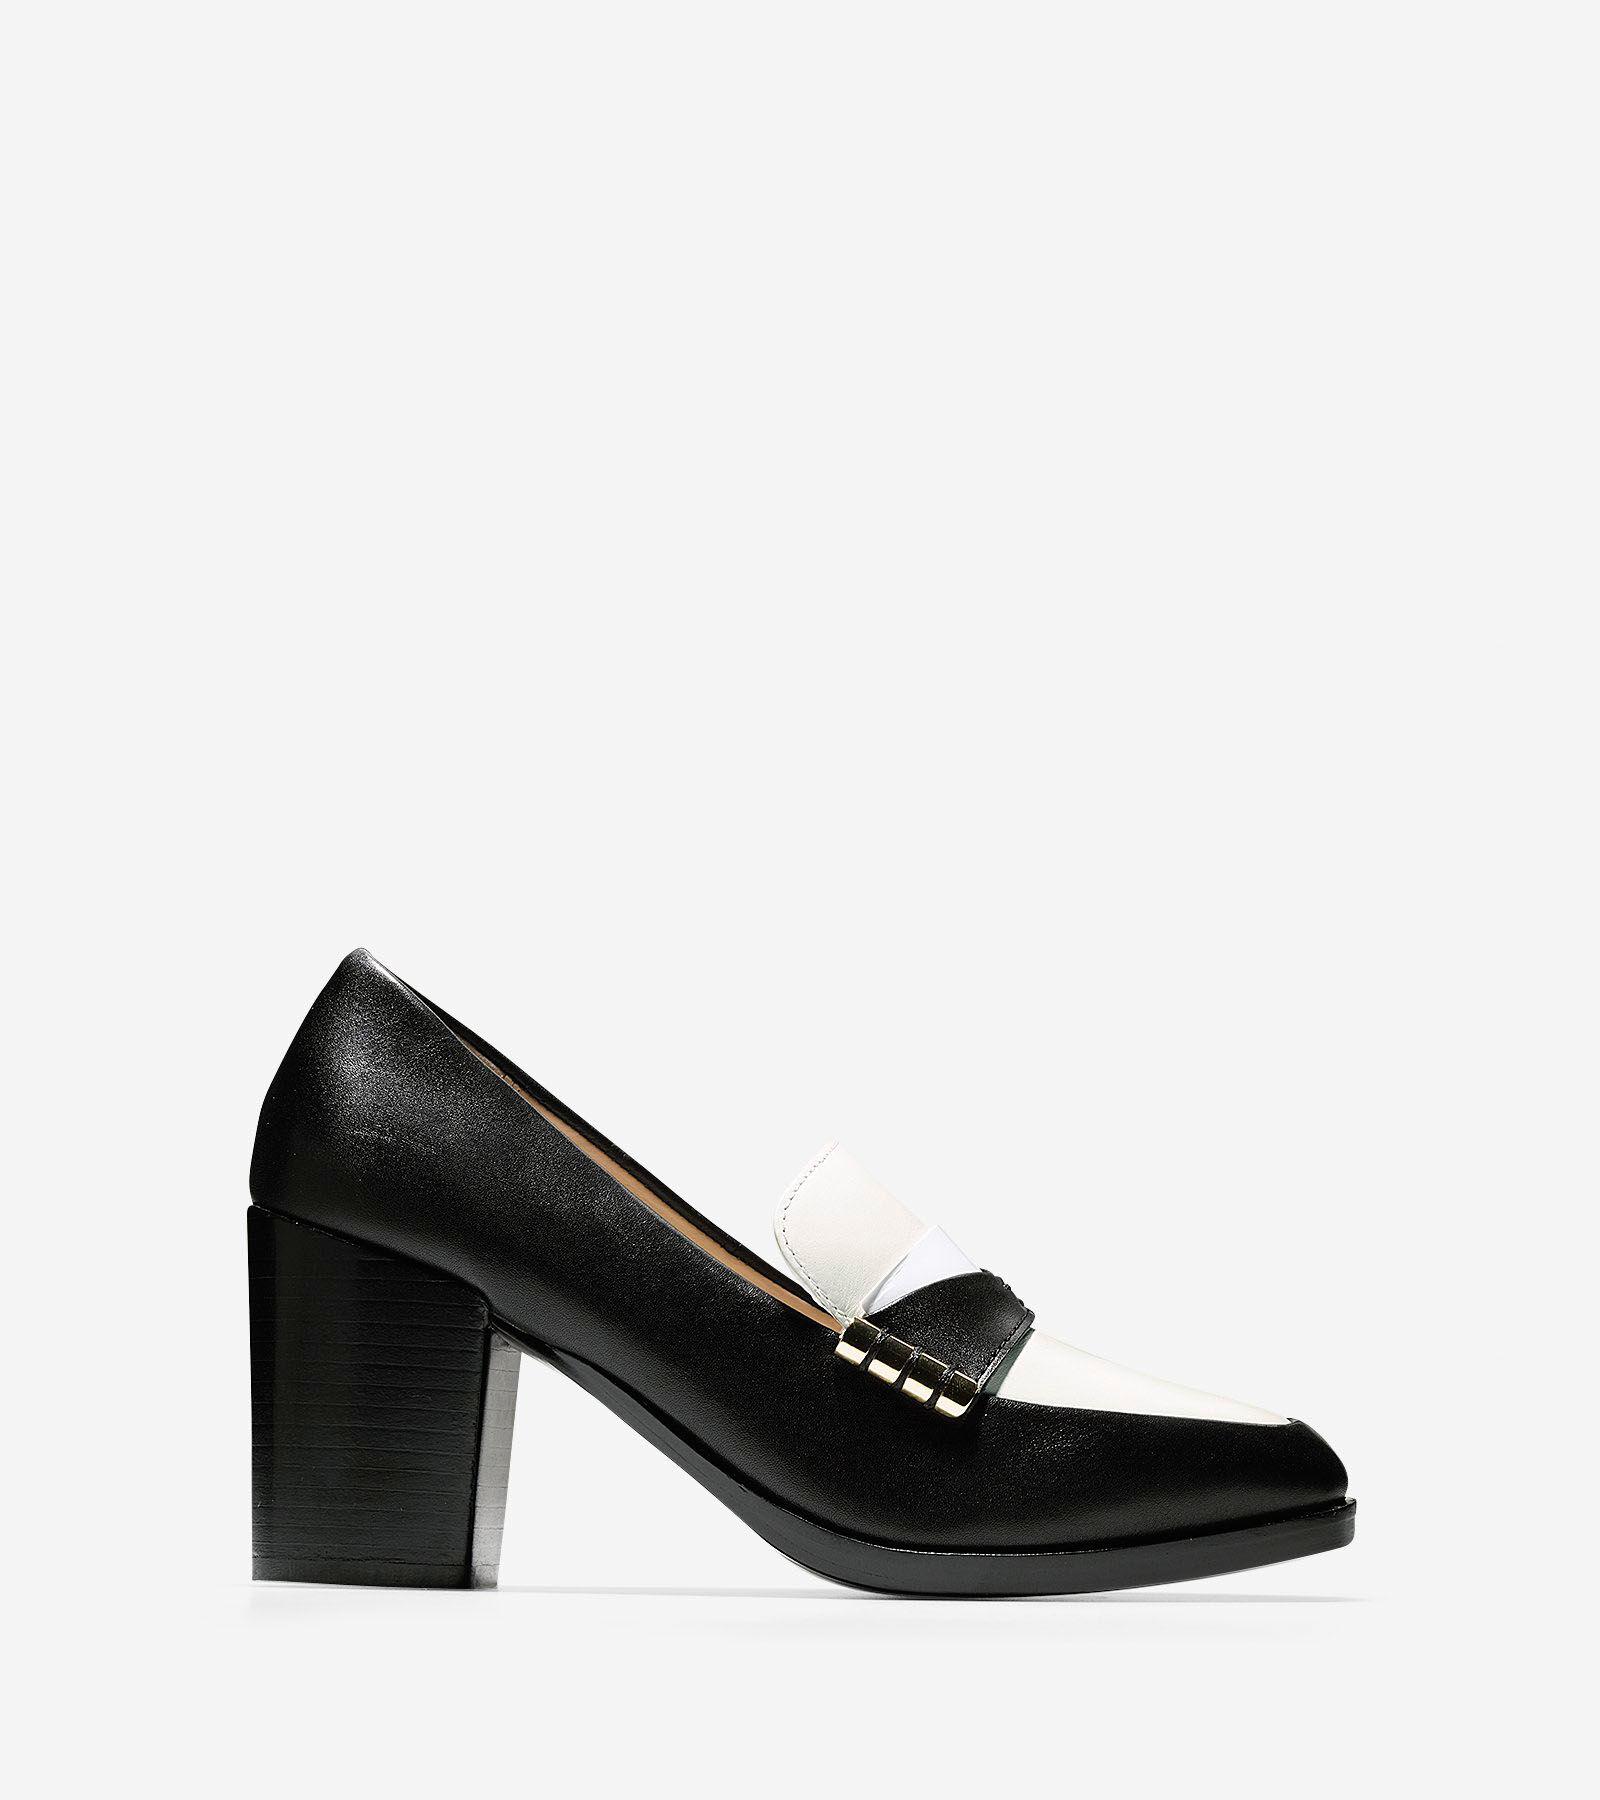 Pump Heels For Women